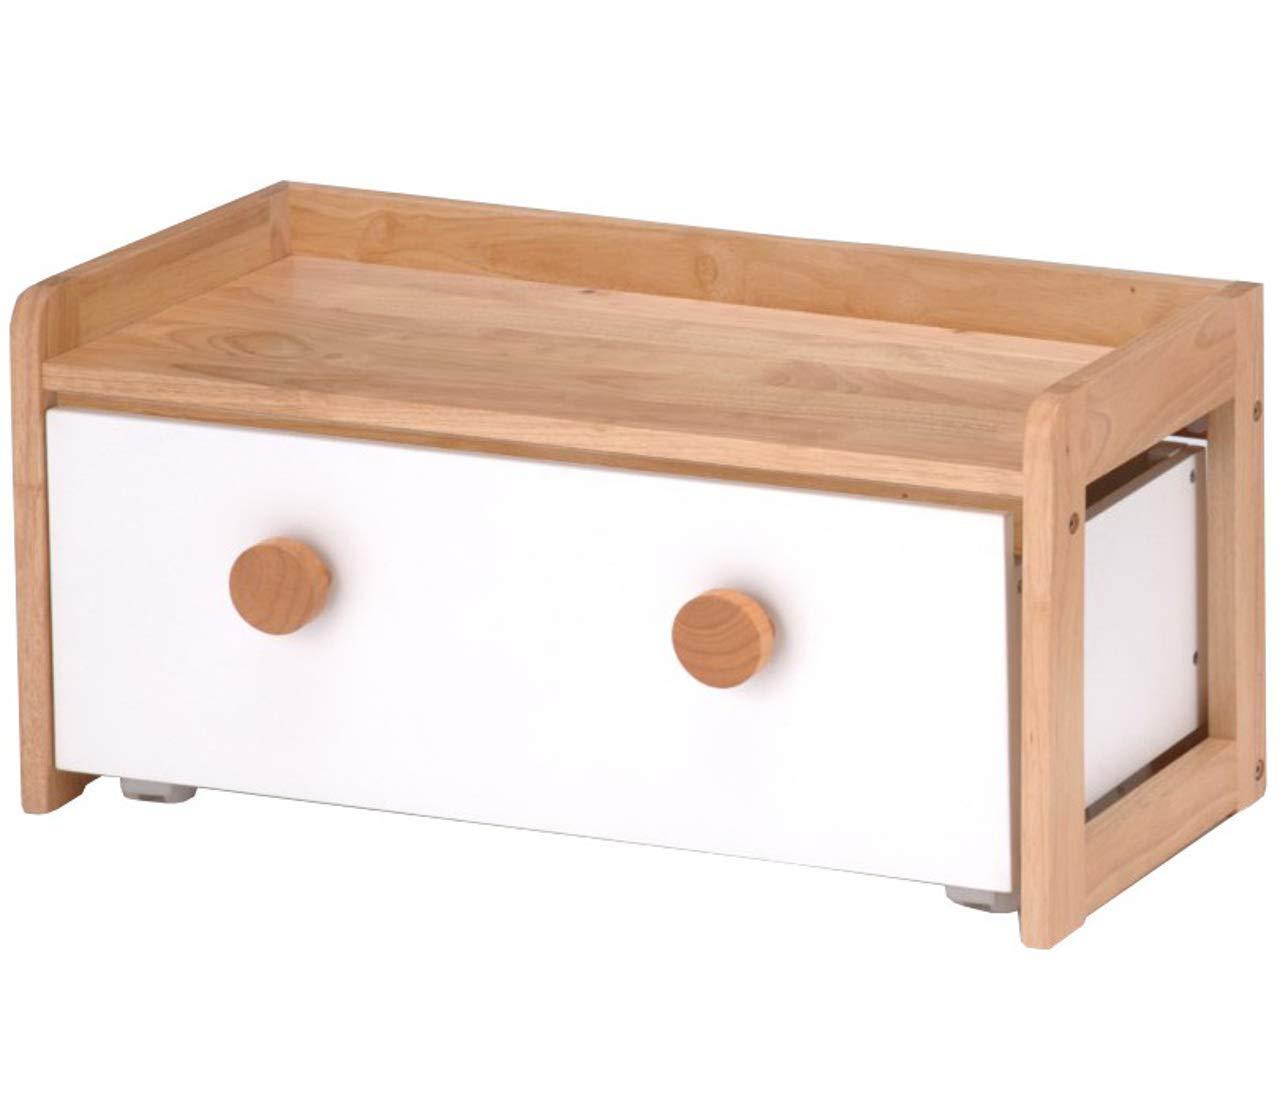 こども用 テーブル キッズデスク 木製 収納ボックス おもちゃ箱 付き ナチュラル B07MZ9BTHB